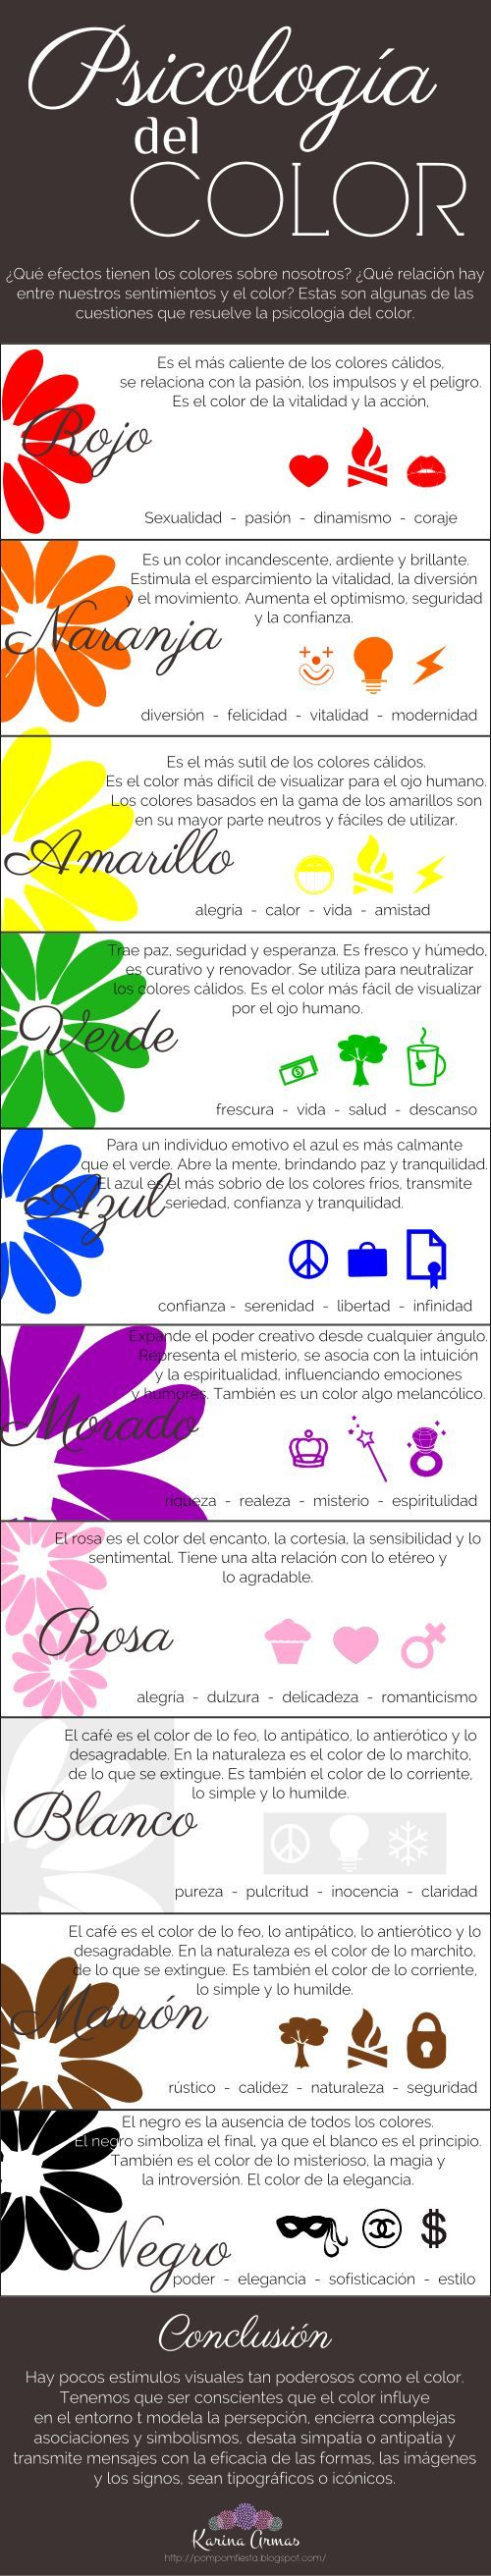 Psicología del color http://pompomfiesta.blogspot.com/2014/08/psicologia-del-color.html: